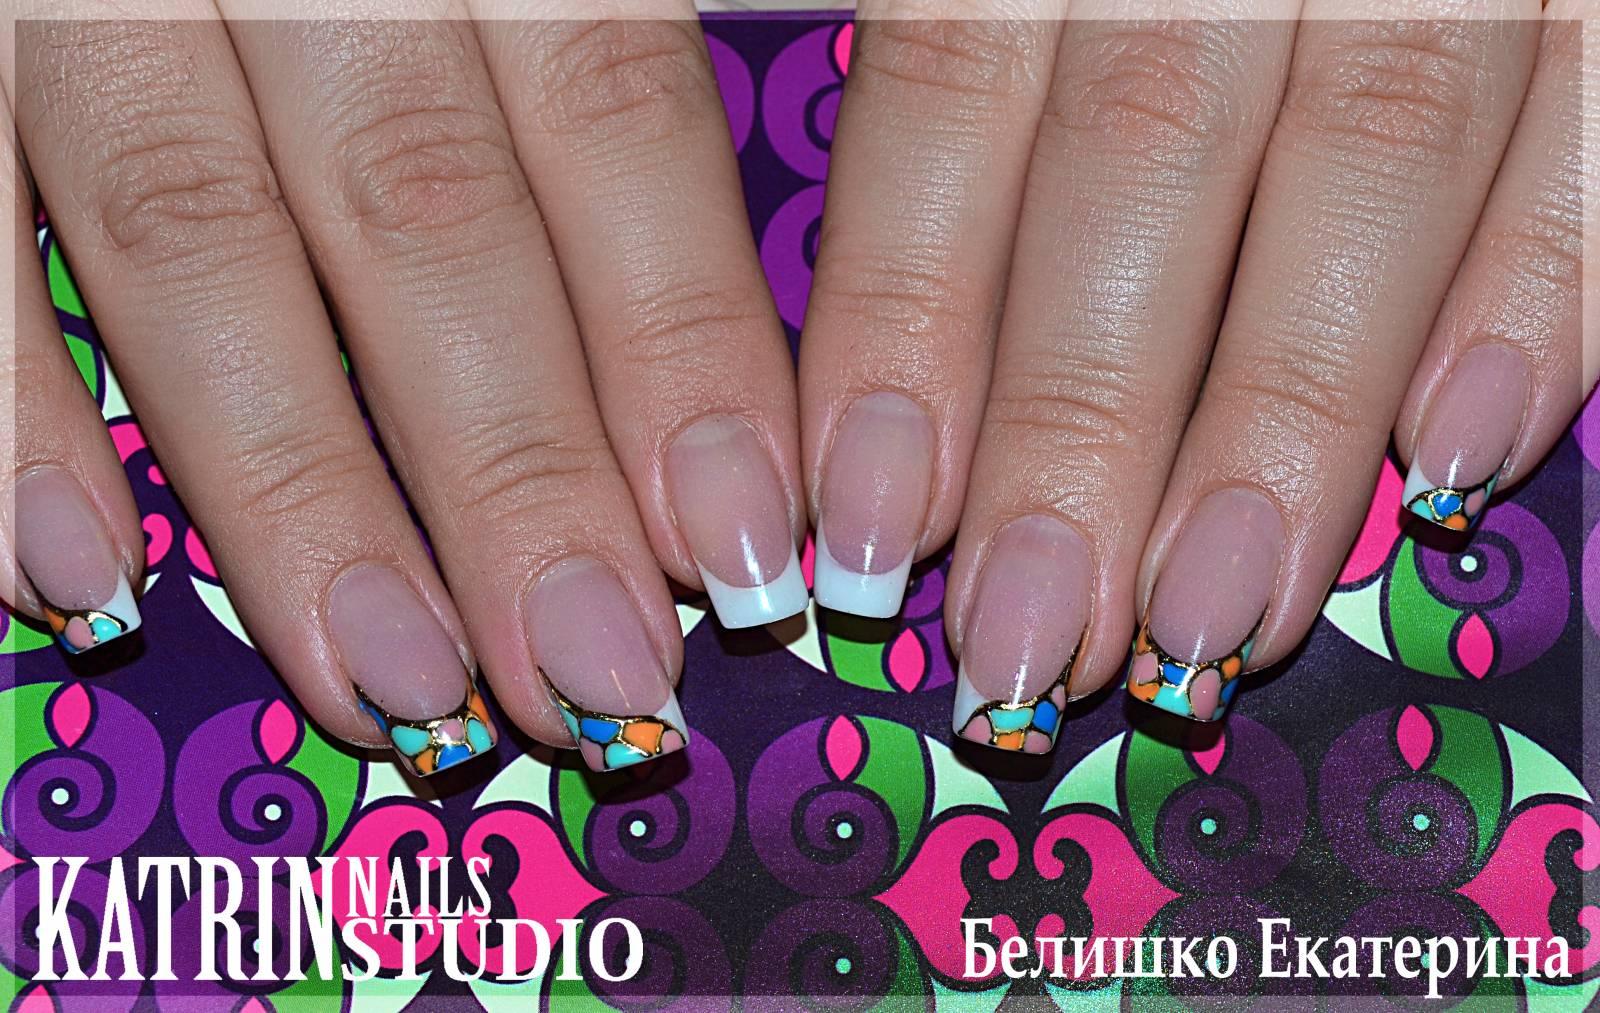 Фото мозайка на ногти